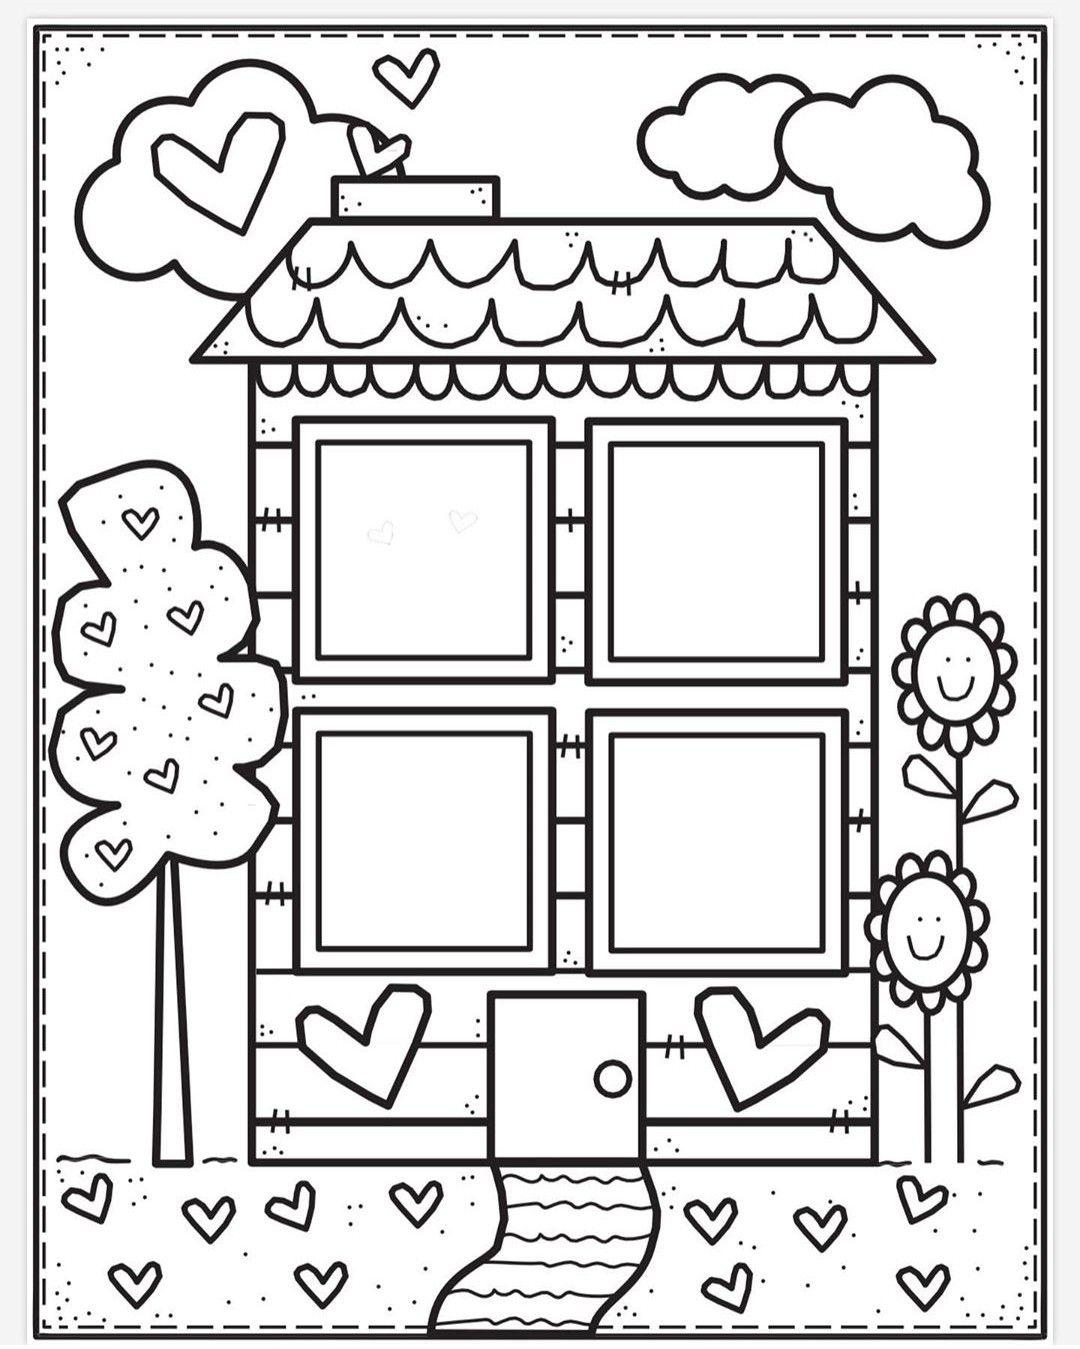 Pin By Ale Valenzuela On Colorea Preschool Coloring Pages Coloring Pages Colouring Pages [ 1349 x 1080 Pixel ]